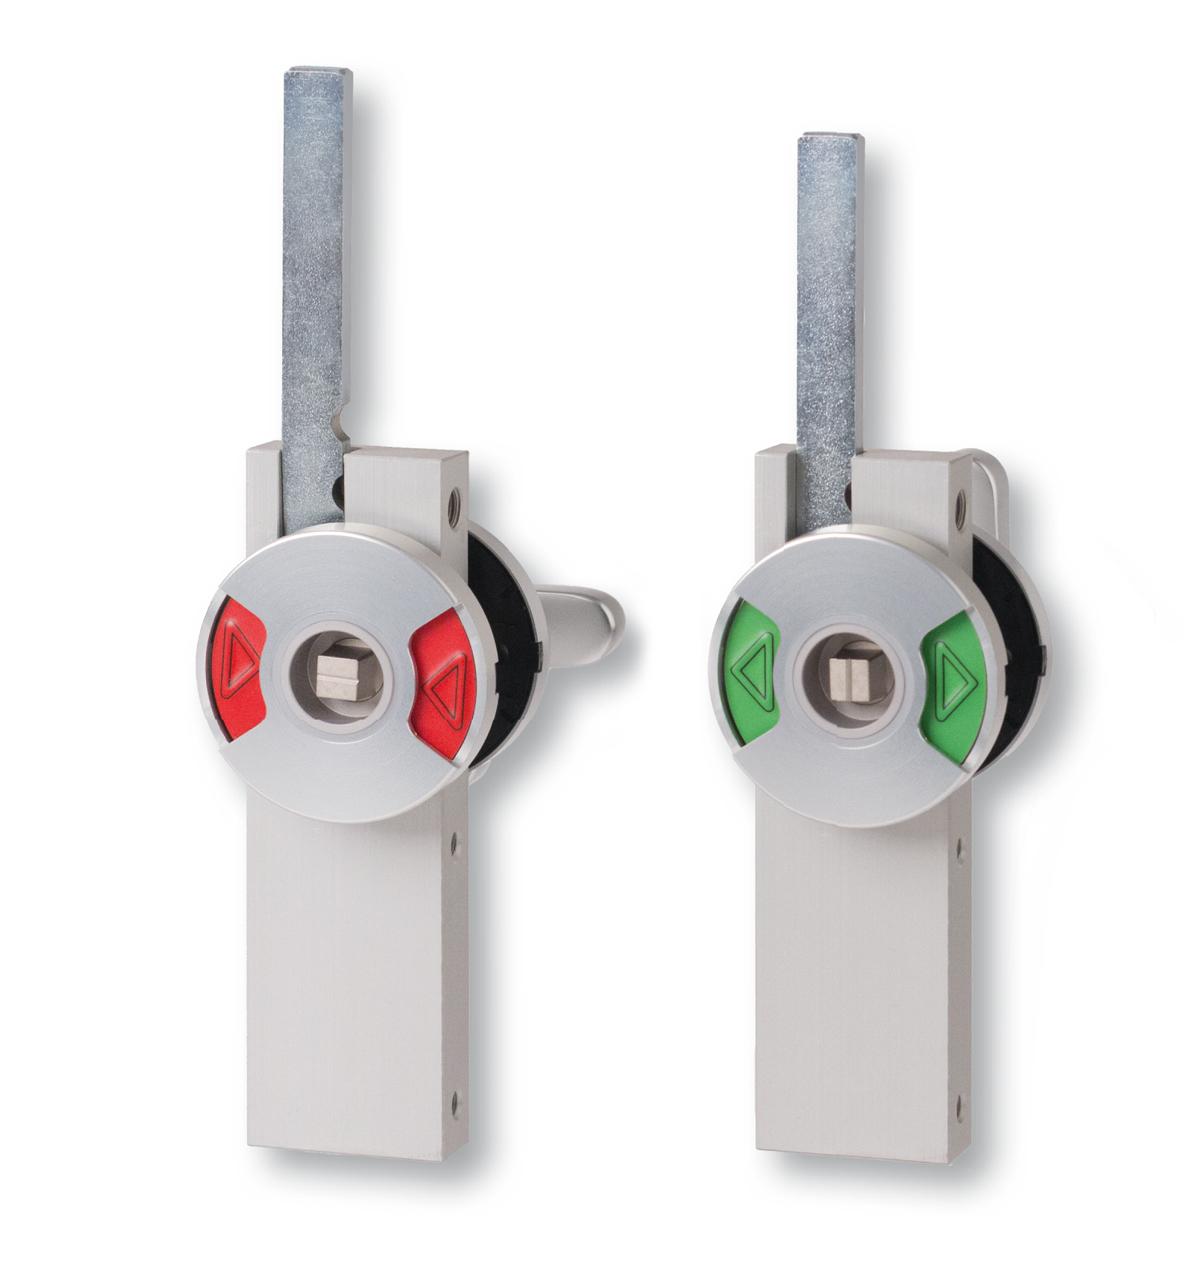 kasper elektronik | WC-Verriegelung für Schiebetüren